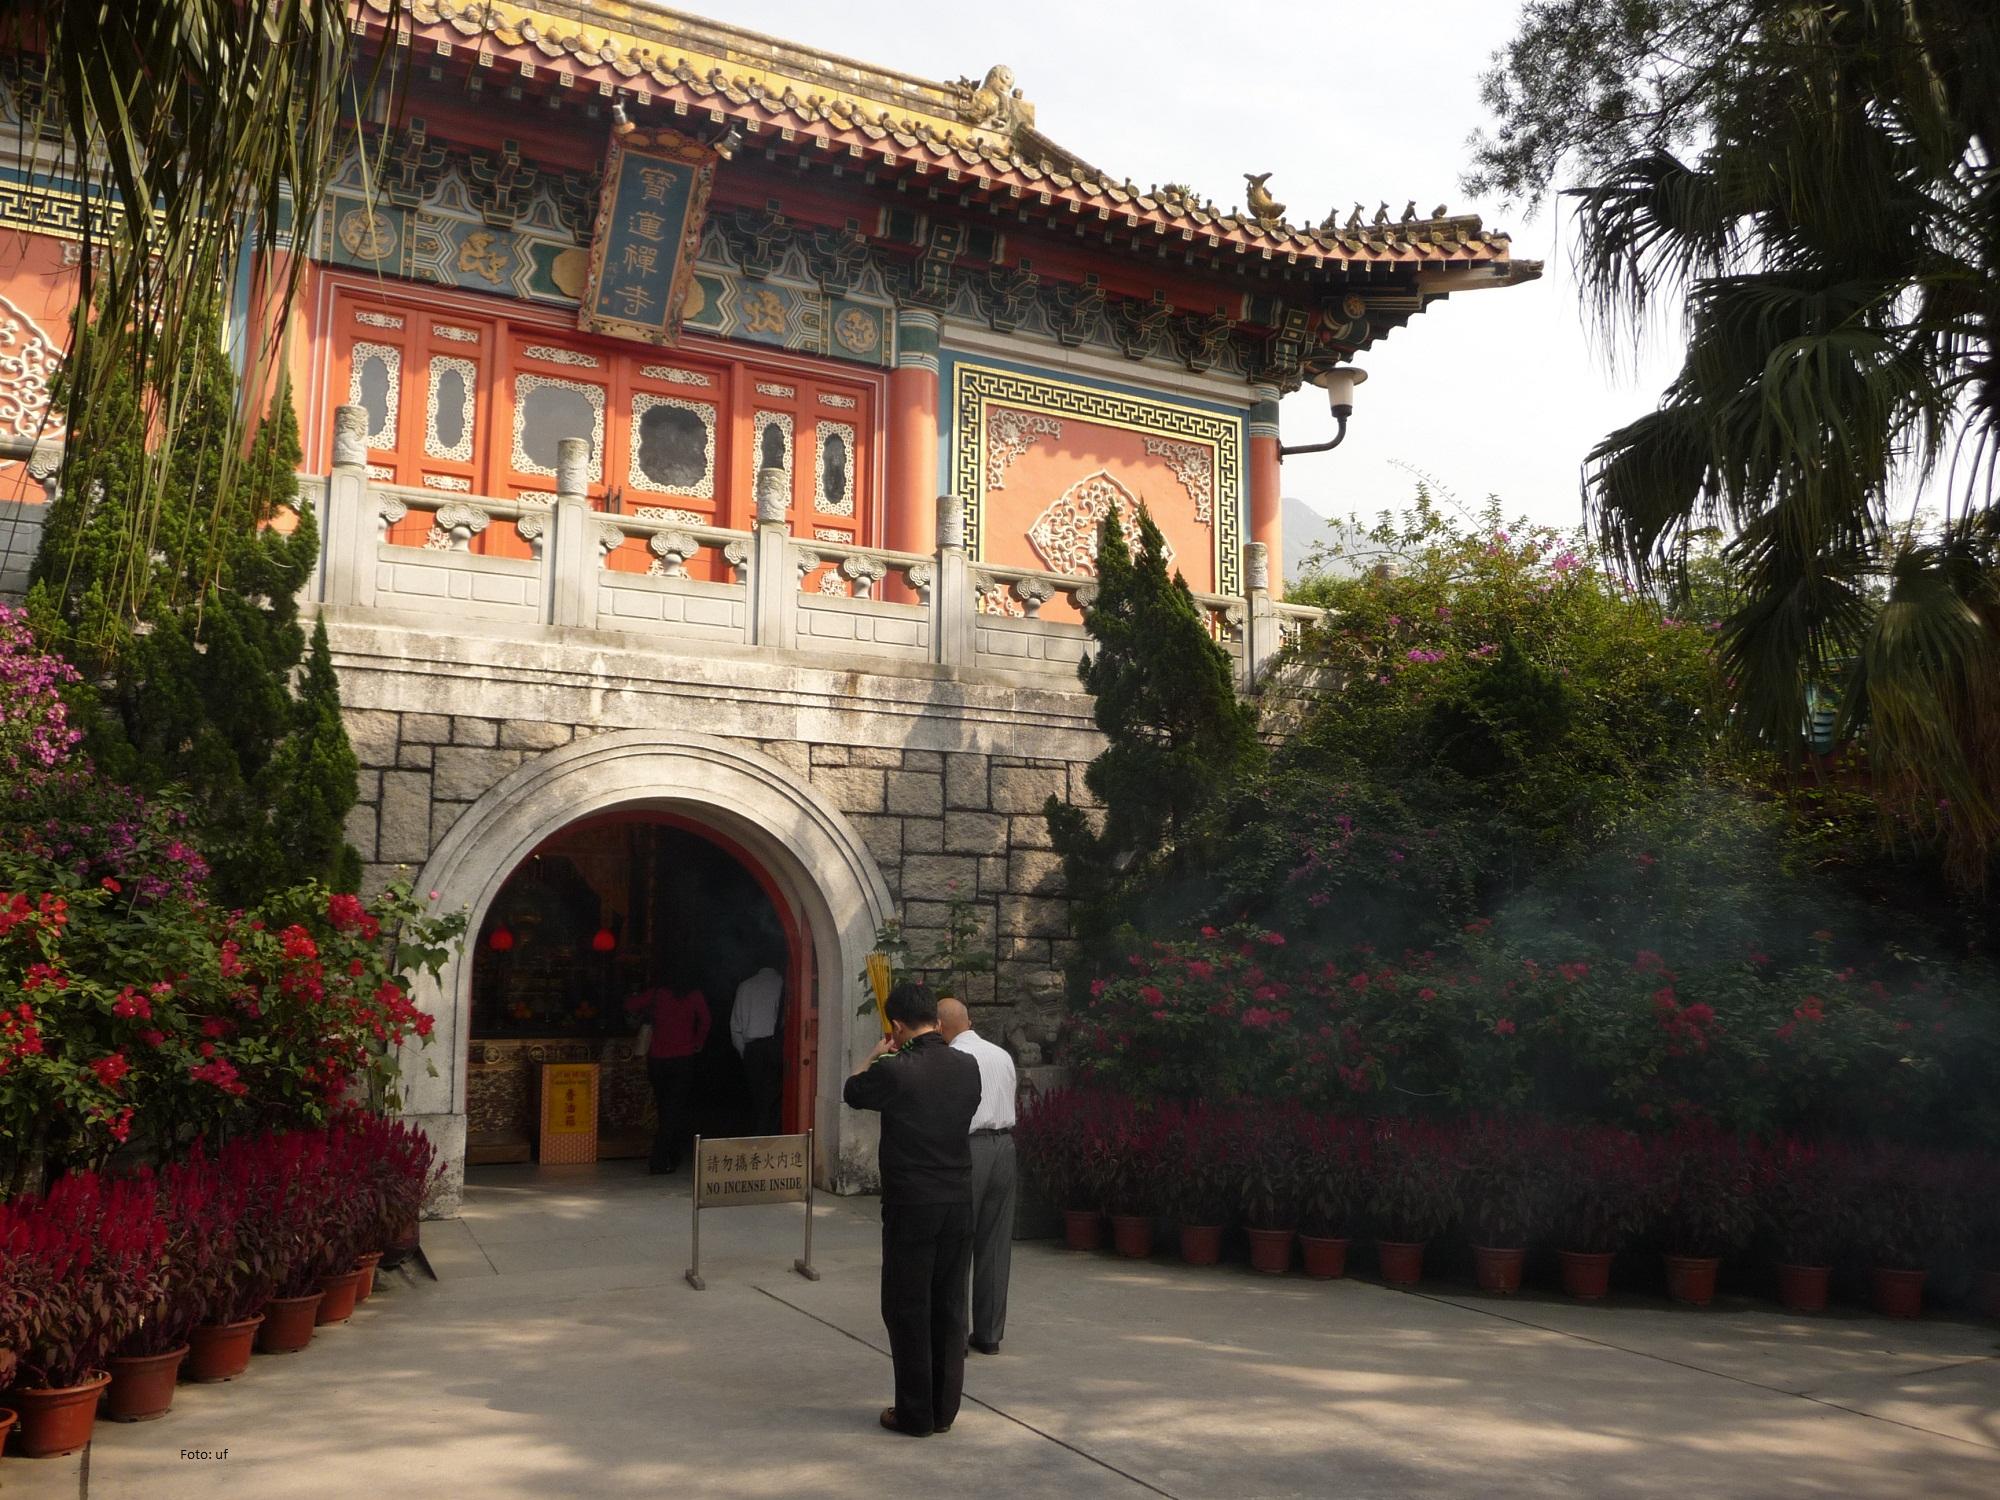 """Po Lin Kloster (""""Schöner Lotos"""") auf Lantau"""